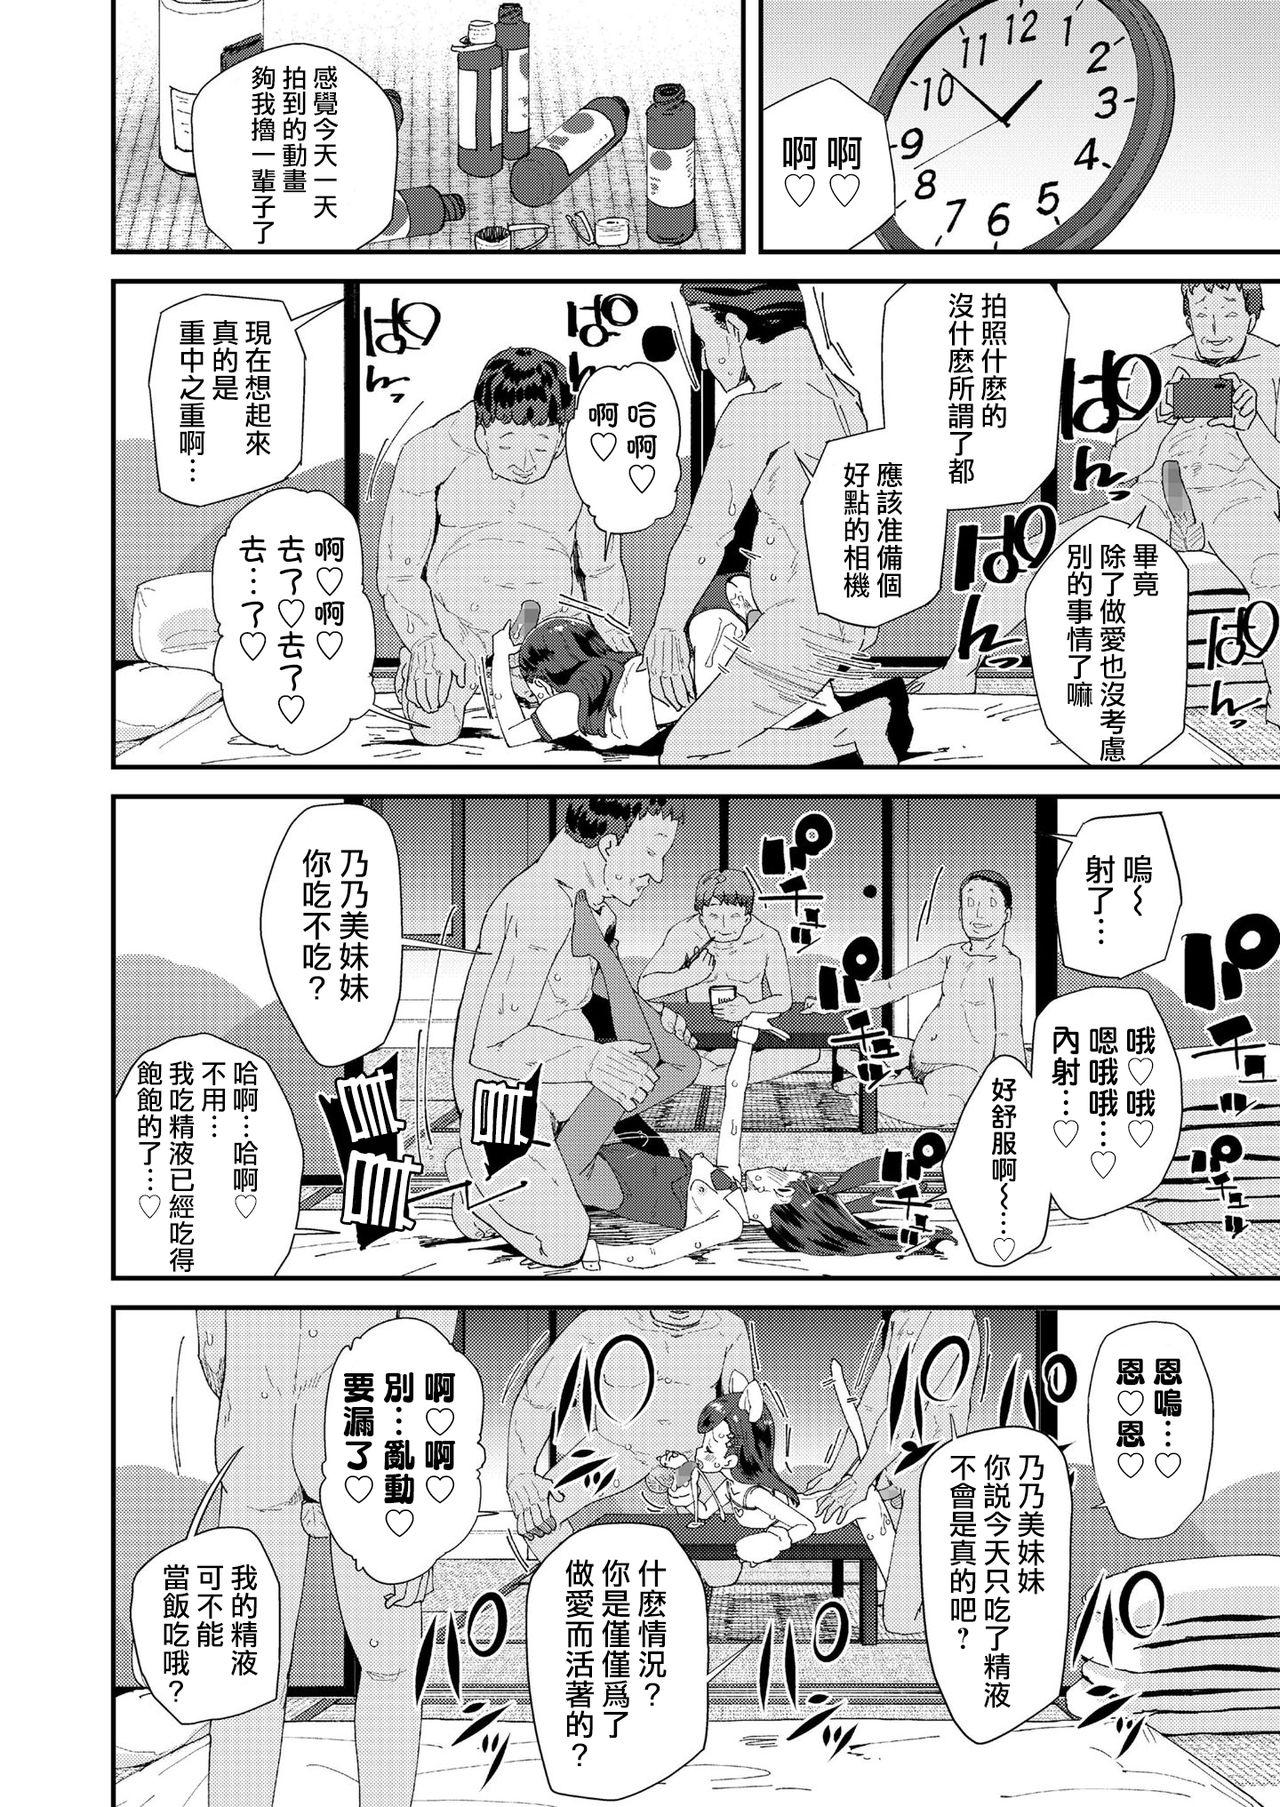 [Maeshima Ryou] Uraaka Yatteru Nonomi-chan -Koshitsu Onsen Dosukebe Gasshuku- (COMIC LO 2020-08) [Chinese] [一匙咖啡豆汉化组] [Digital] 18